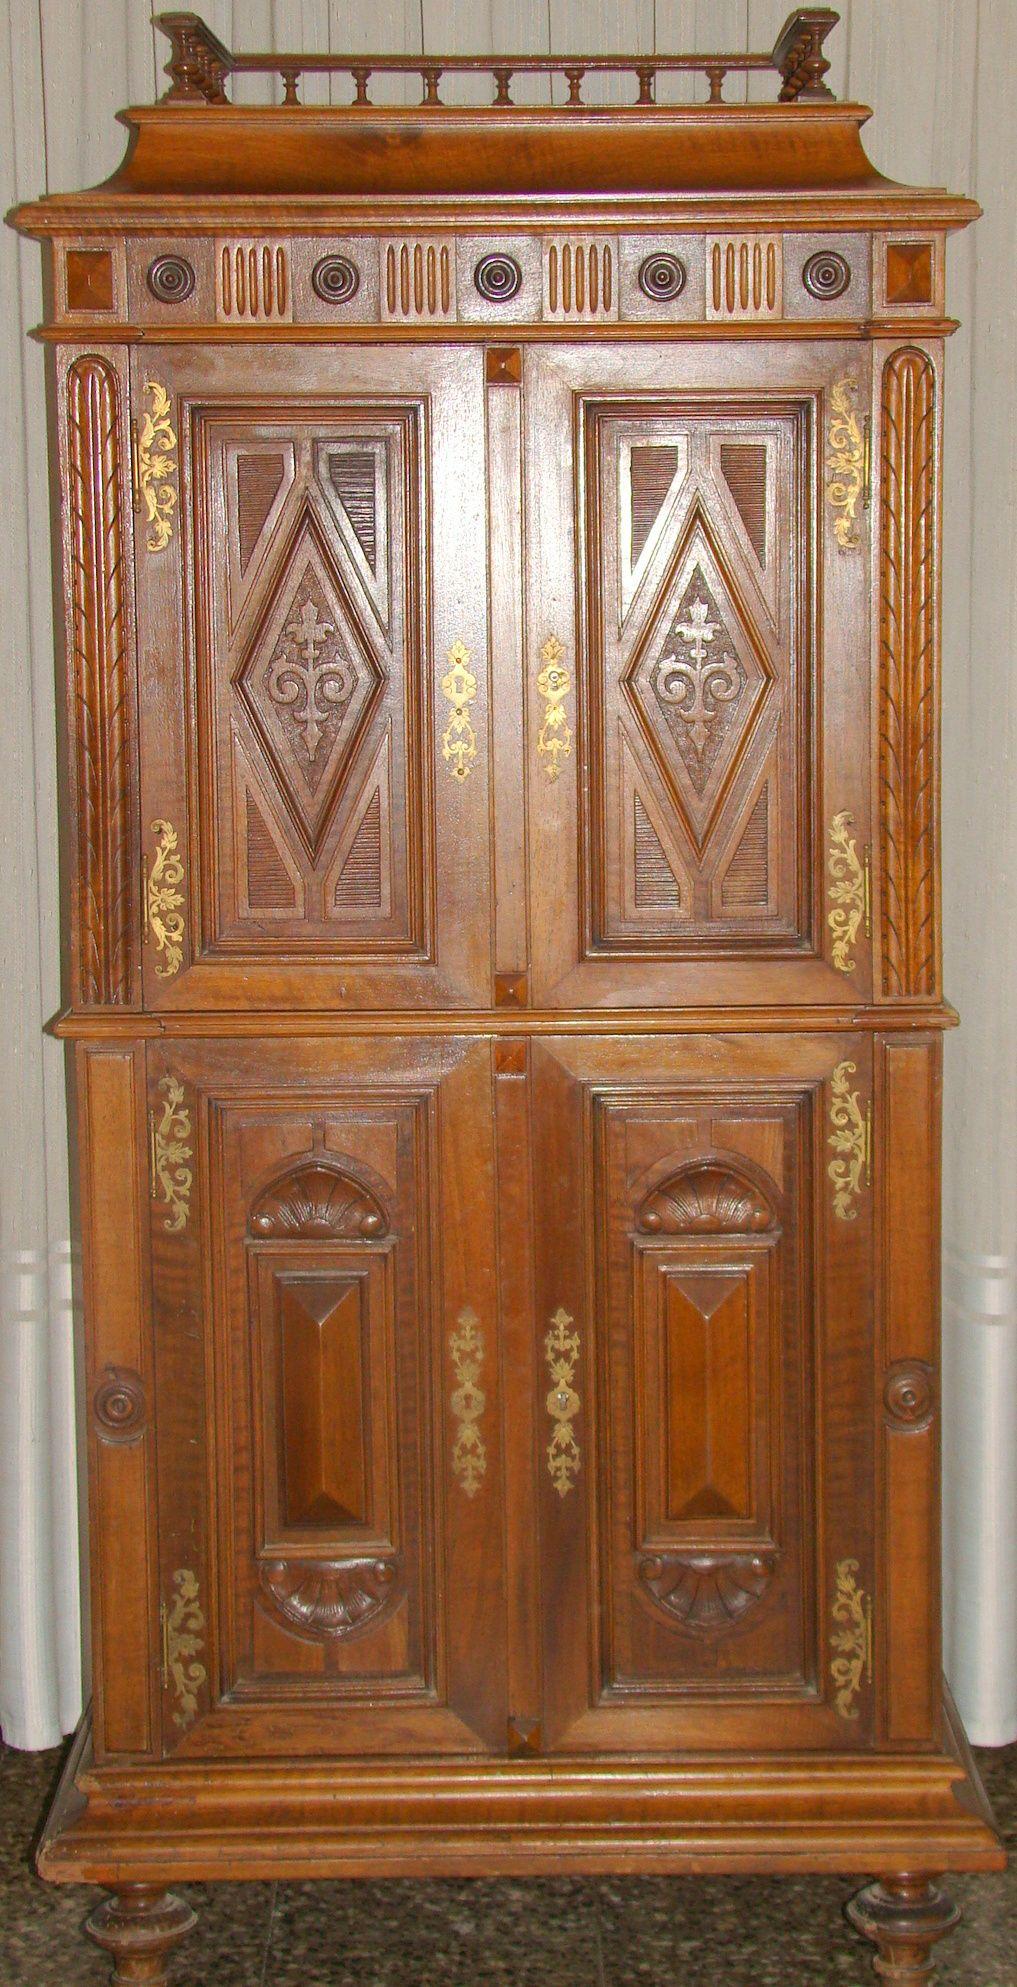 Mueble estilo renacimiento italiano 4 puertas con for Mueble 4 puertas